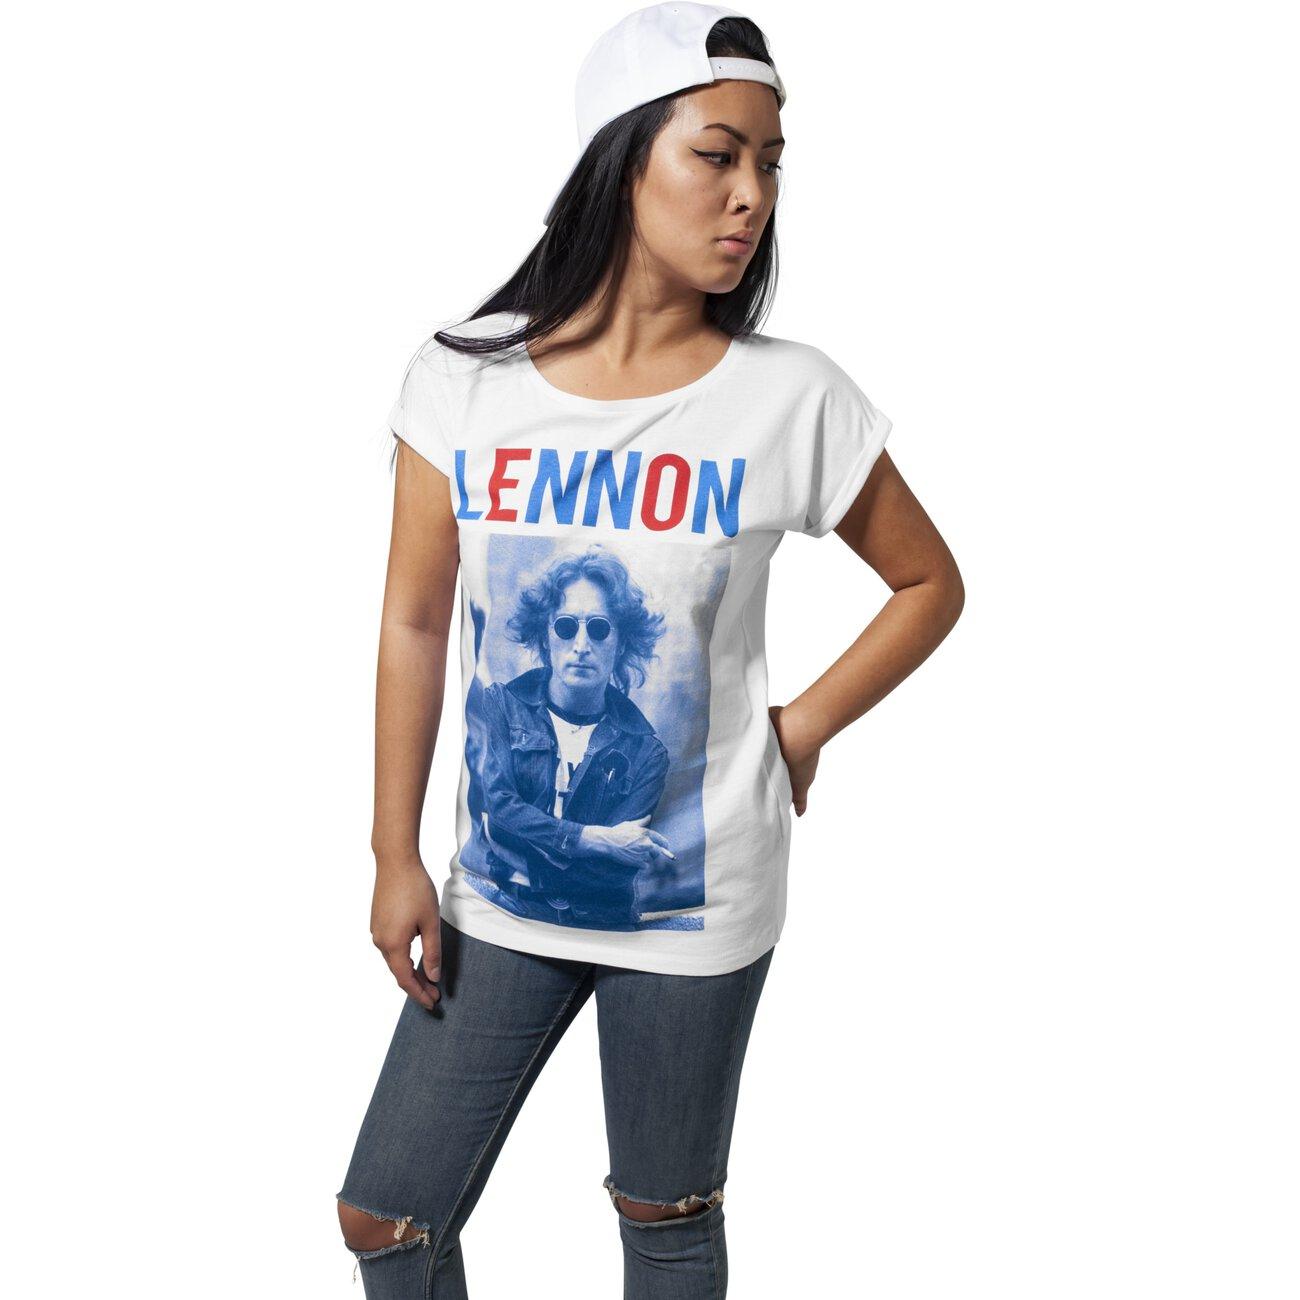 mister-tee-t-shirt-damen-john-lennon-bluered-motiv-print-shirt-mt-468-weiss .jpg f8054a8403